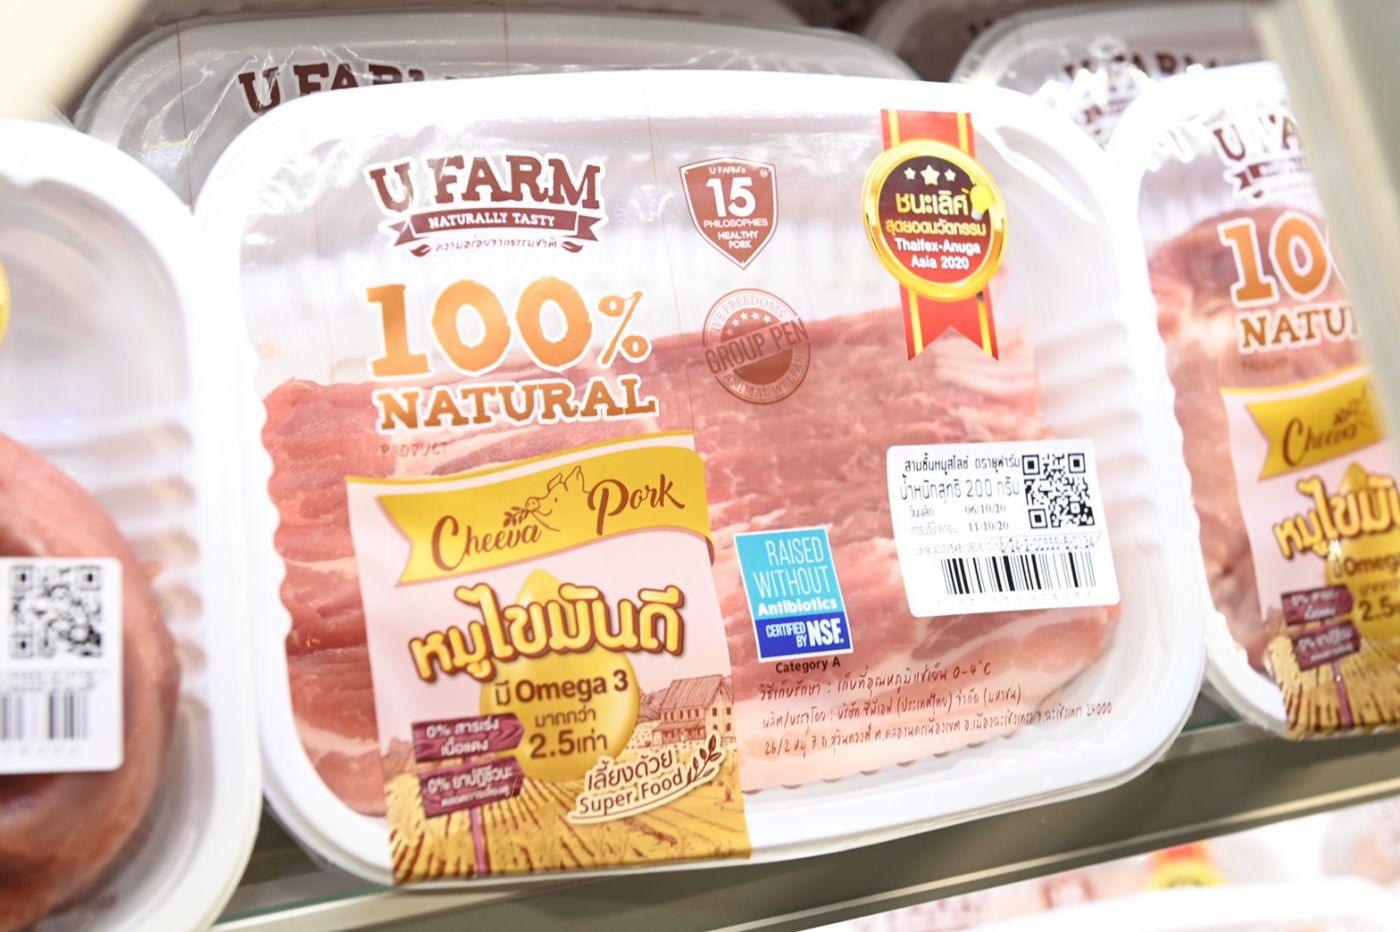 """ยูฟาร์มเปิดตัว """"หมูชีวา"""" นวัตกรรมเนื้อหมู ไขมันดี มีโอเมก้า3 สูง ได้รับการรับรองจาก NSF อาหารเพื่อสุขภาพที่คว้ารางวัลสุดยอดนวัตกรรมจากงาน THAIFEX – Anuga Asia 2020"""